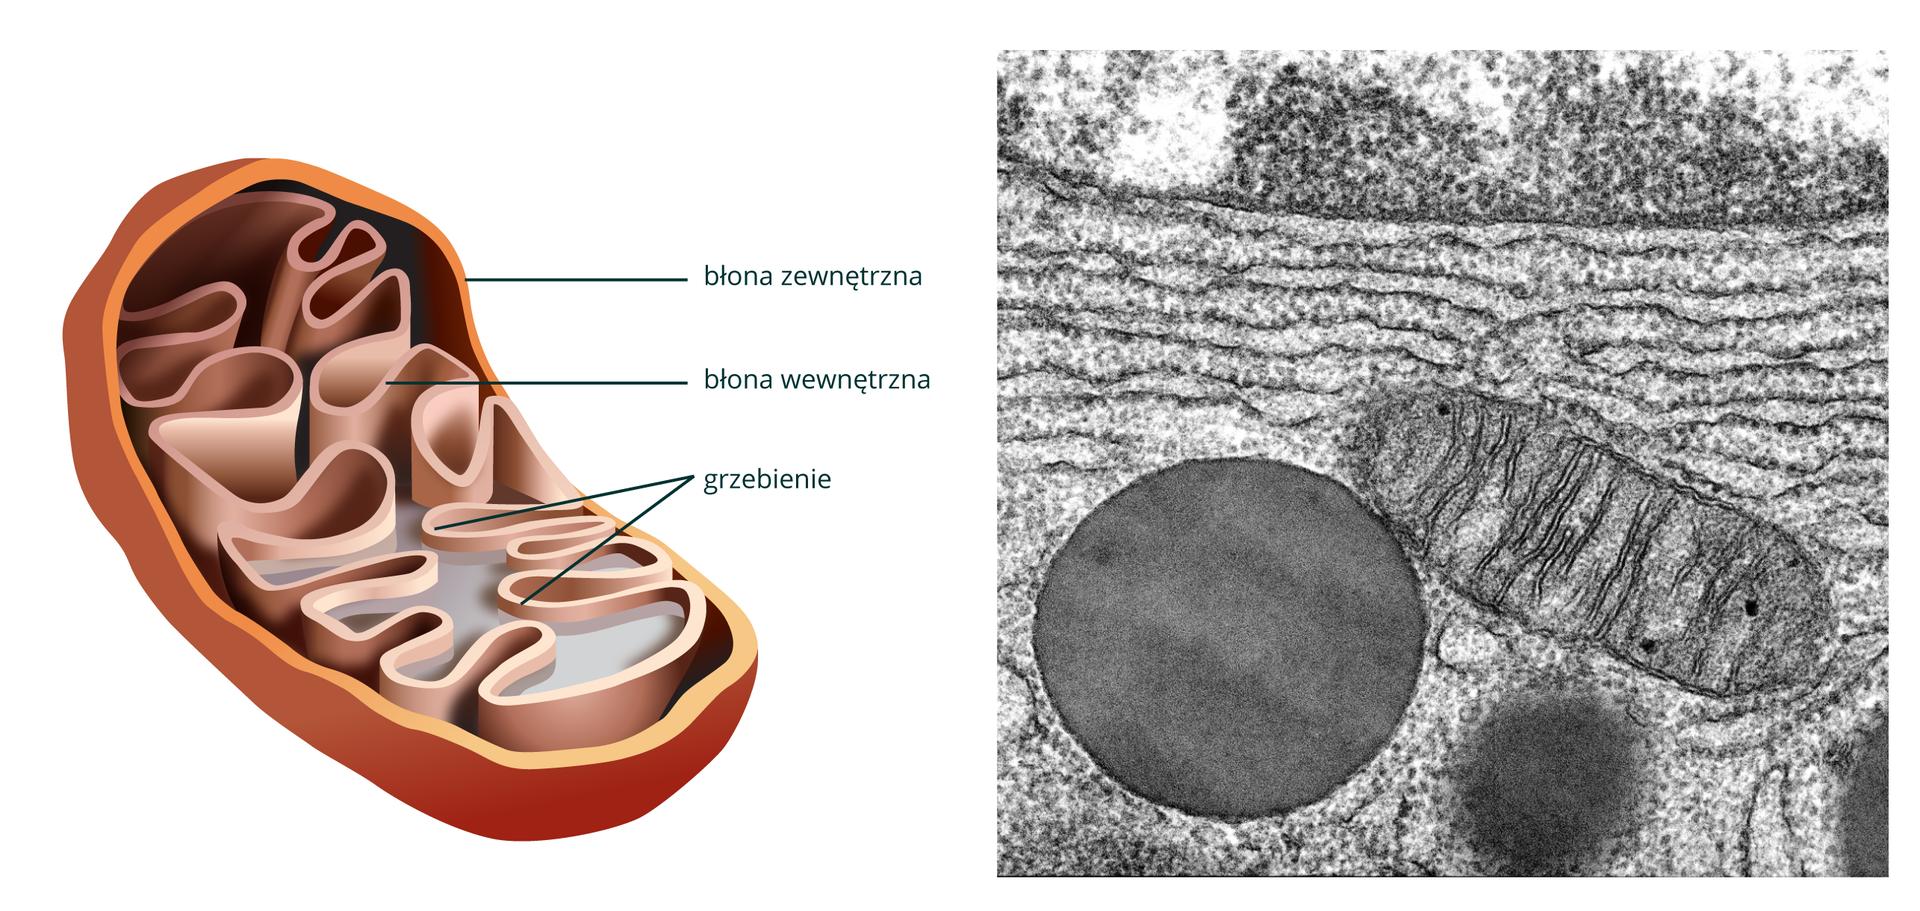 Ilustracja przedstawia przestrzenny wizerunek wnętrza mitochondrium: pałeczka, której ściany tworzą 2 błony - zewnętrzna gładka, wewnętrzna tworzy wpuklenia zwane grzebieniami. Obok obraz mitochondruyn zmikroskopu skaningowego.